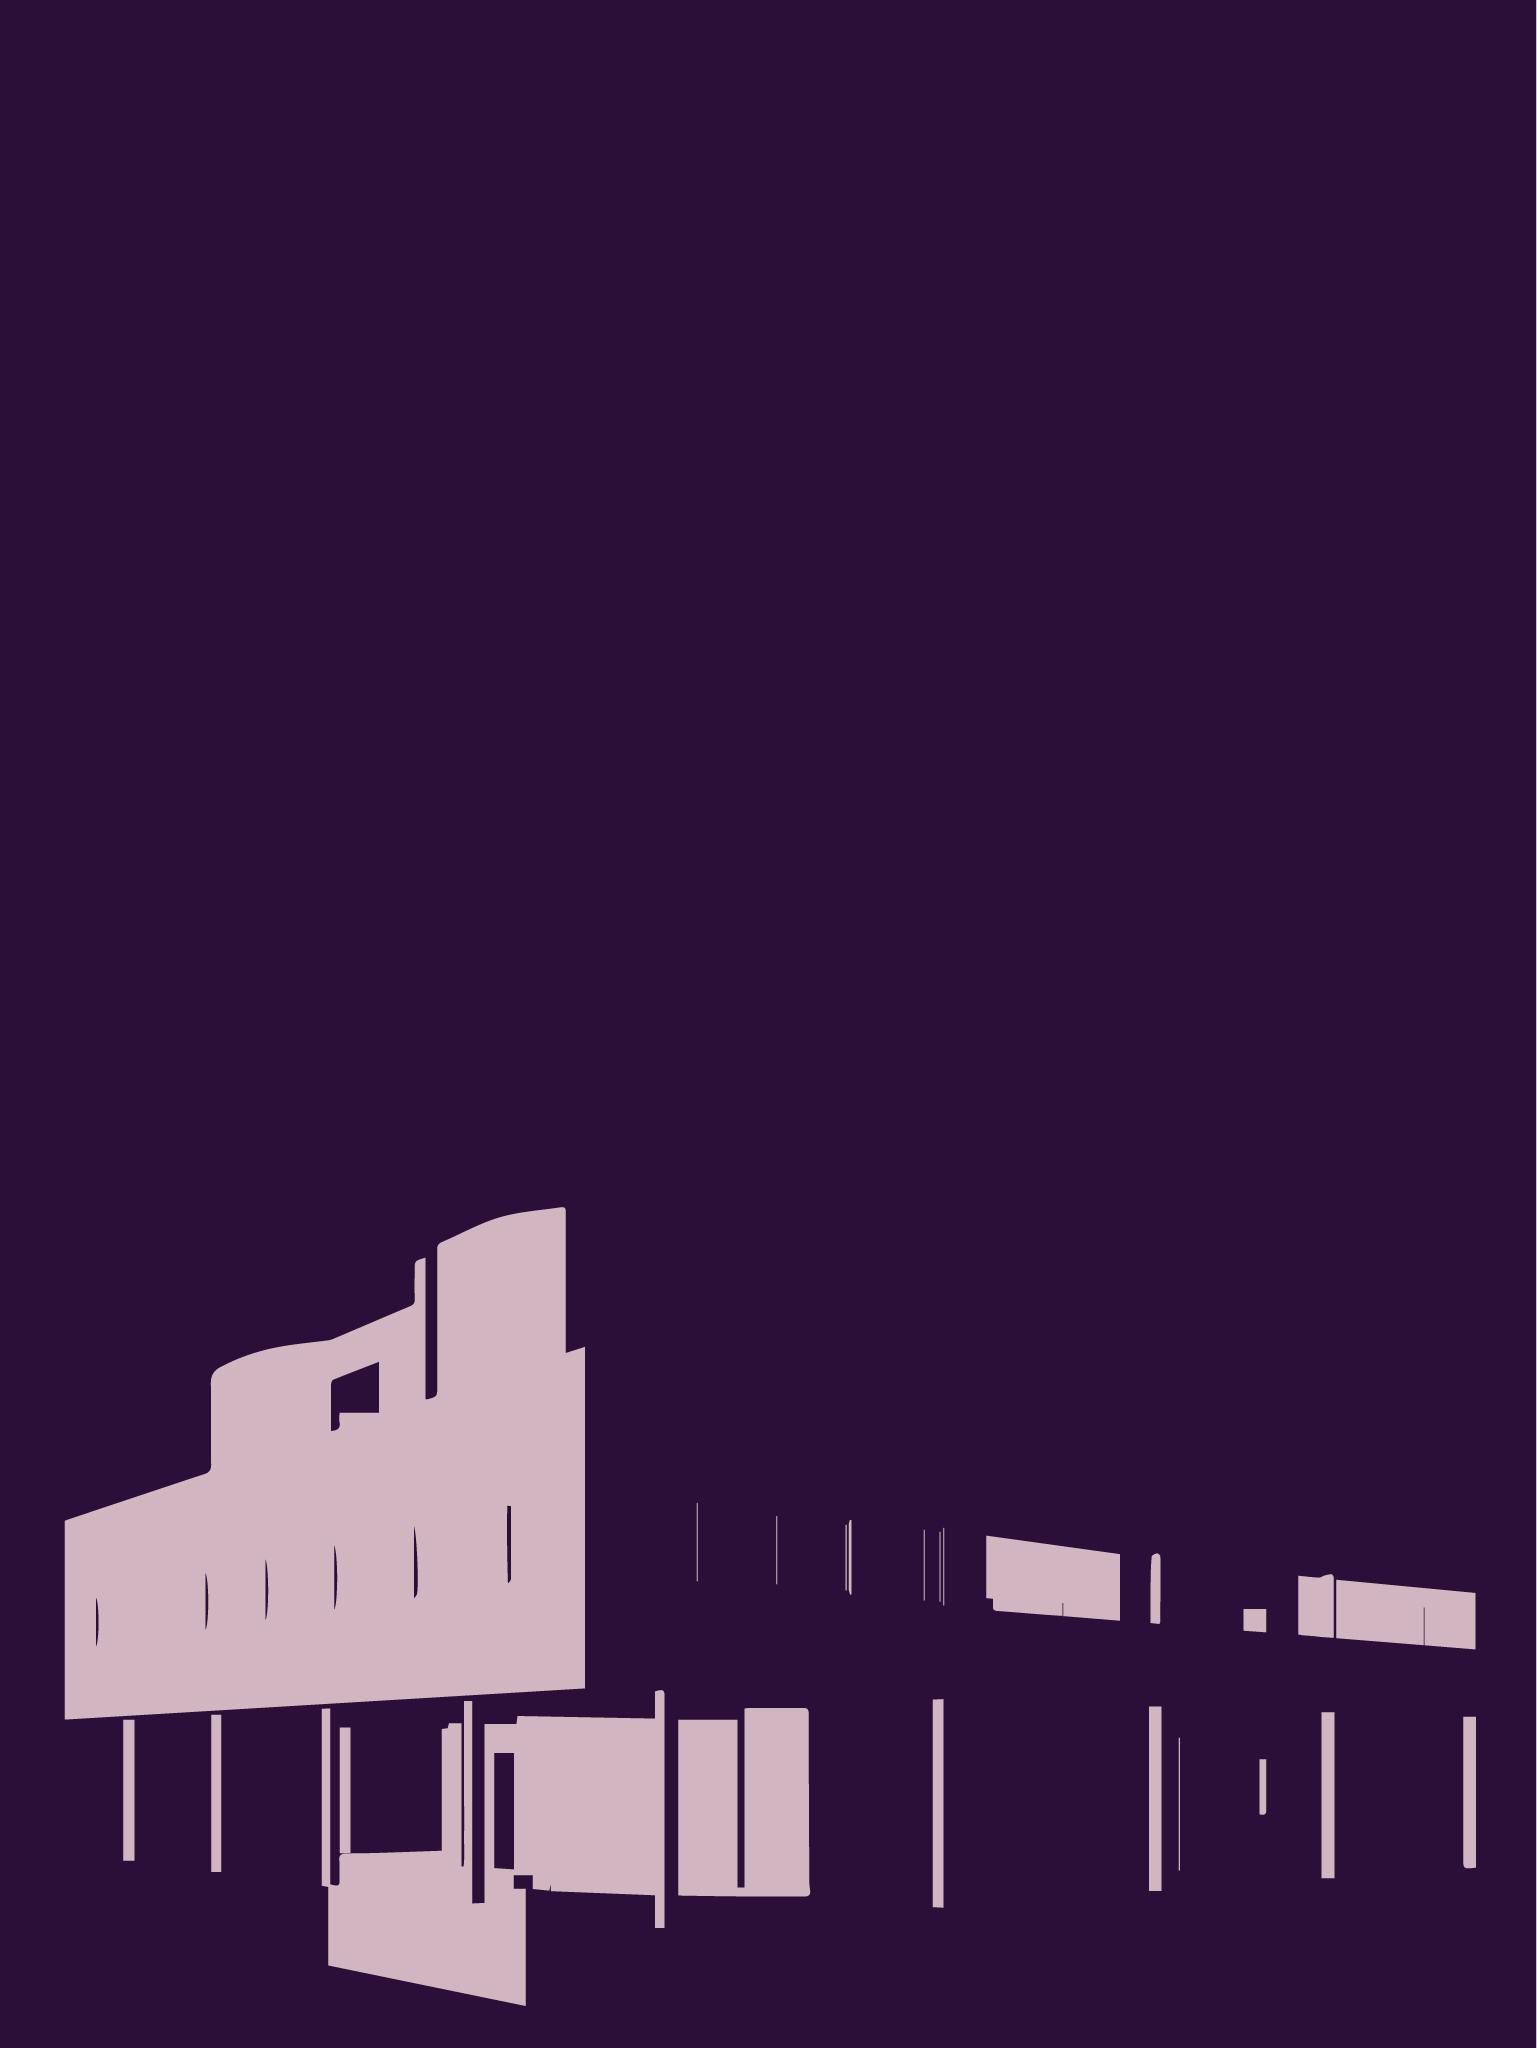 Villa savoy-02.jpg